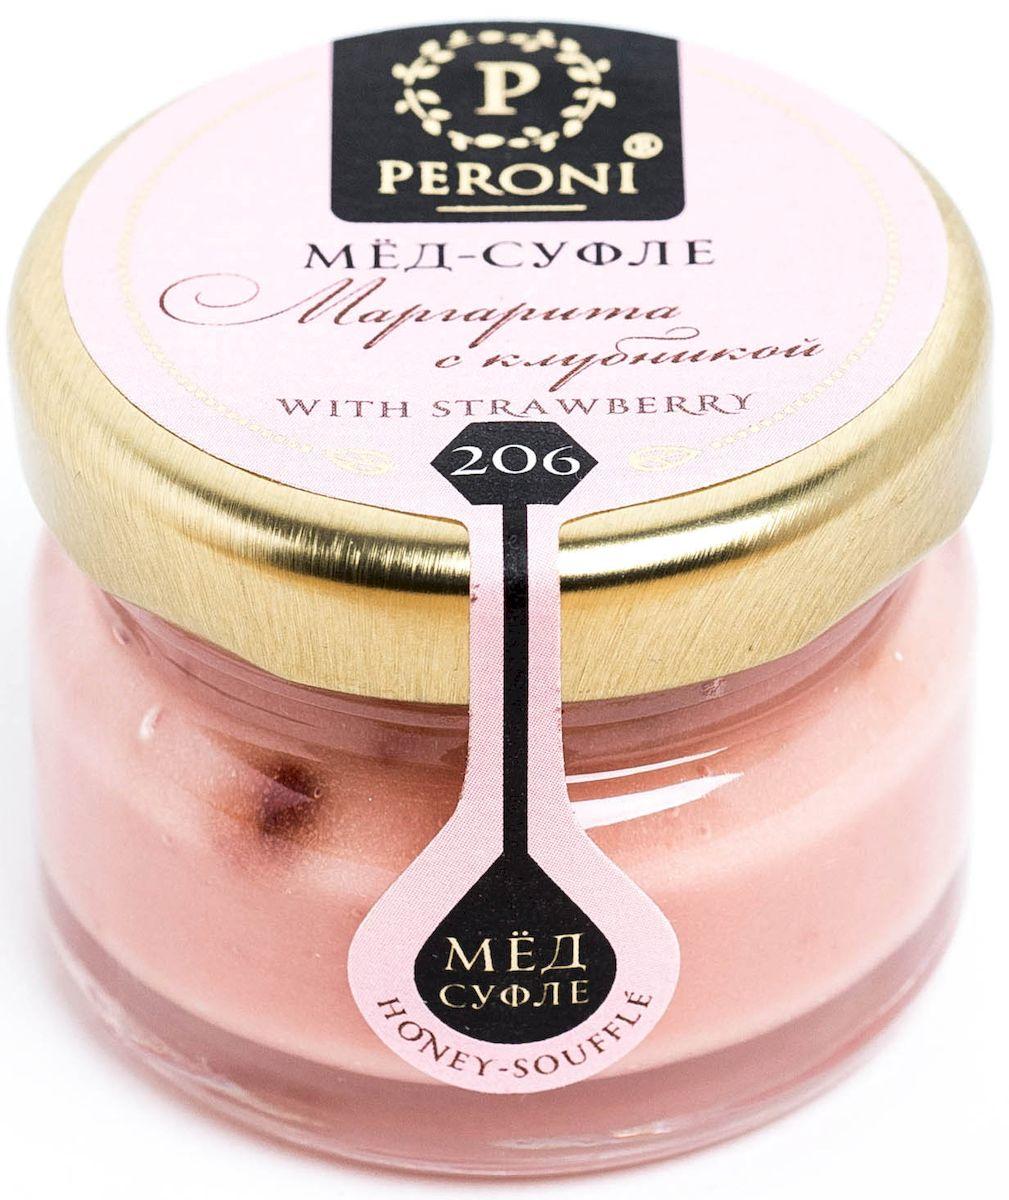 Peroni Маргарита с клубникой мёд-суфле, 30 г206-1Нежный сливочно-розоватый мёд-суфле Peroni с восхитительным ароматом лета. Клубника - королева десертов, любимица всех взрослых и детей. Вкус напоминает нежное клубничное мороженое или земляничный мусс. Для получения меда-суфле используются специальные технологии. Мёд долго вымешивается при определенной скорости, после чего его выдерживают при температуре 12-14 градусов по Цельсию, тем самым закрепляя его нужную консистенцию. Все полезные свойства меда при этом сохраняются. Клубника — по содержанию витамина С уступает только черной смородине и во много раз превосходит апельсин. Мед с клубникой прекрасно укрепляет организм, и радует душу.